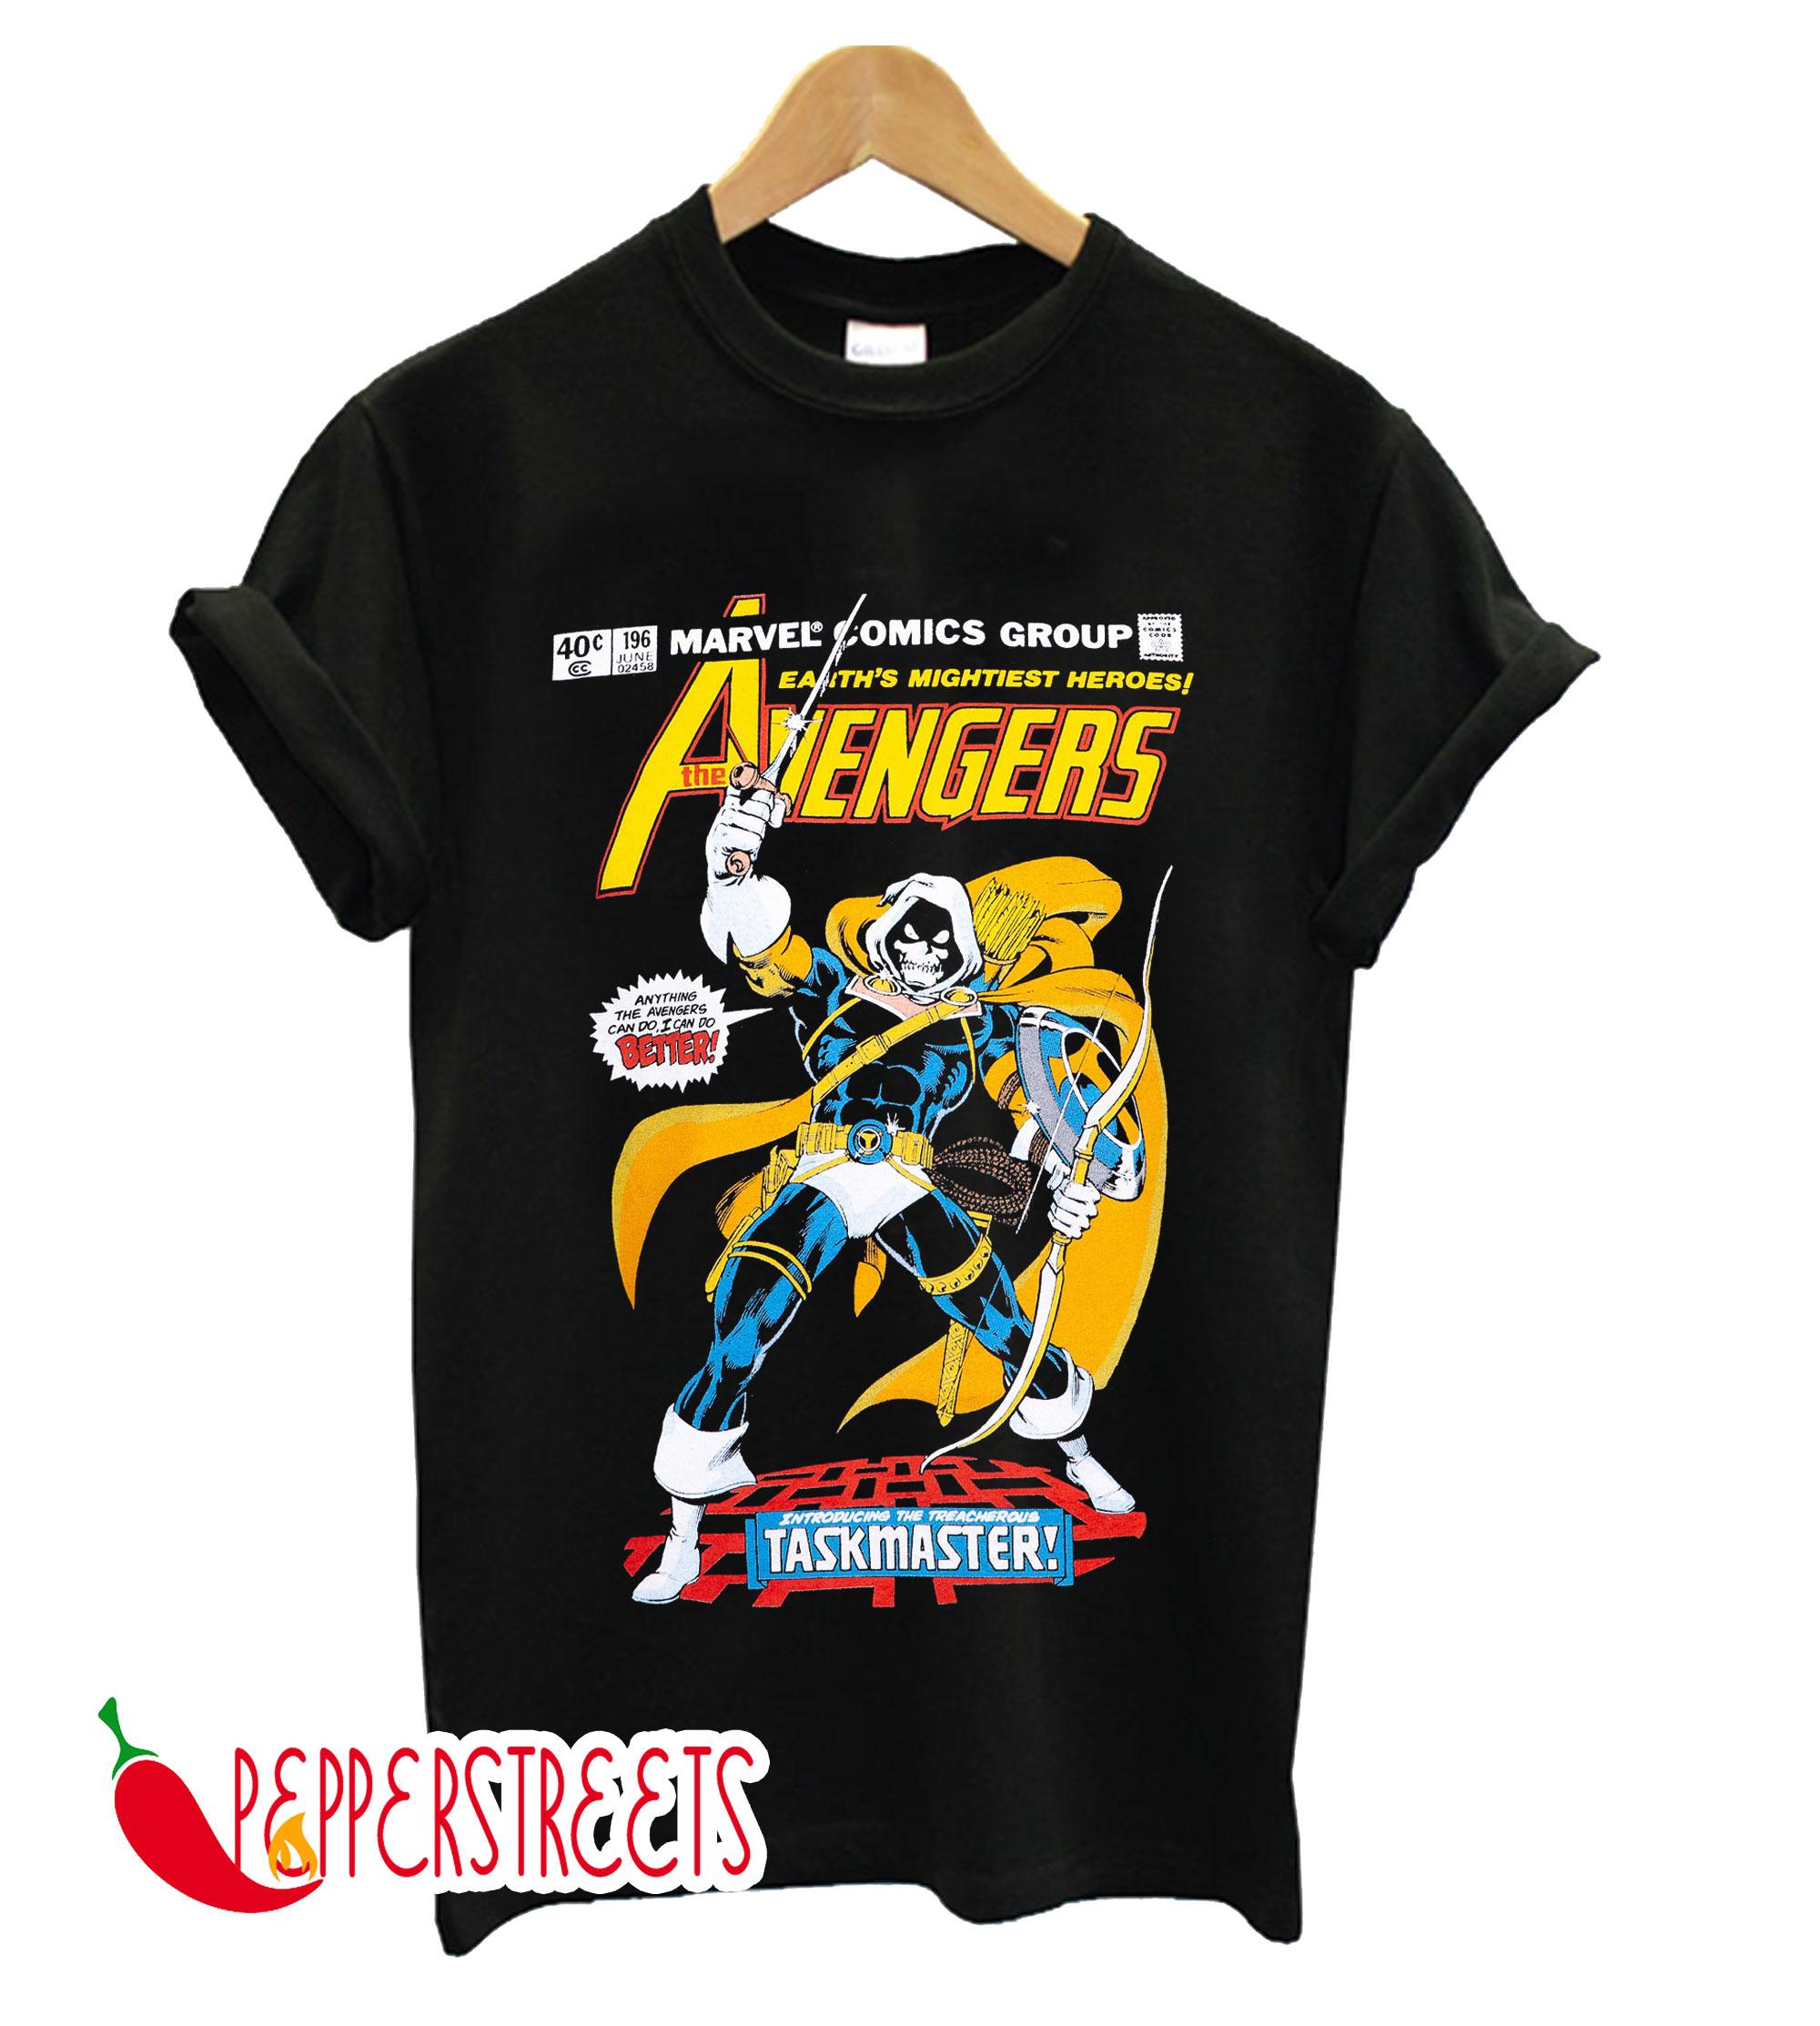 The Taskmaster Avengers T-Shirt